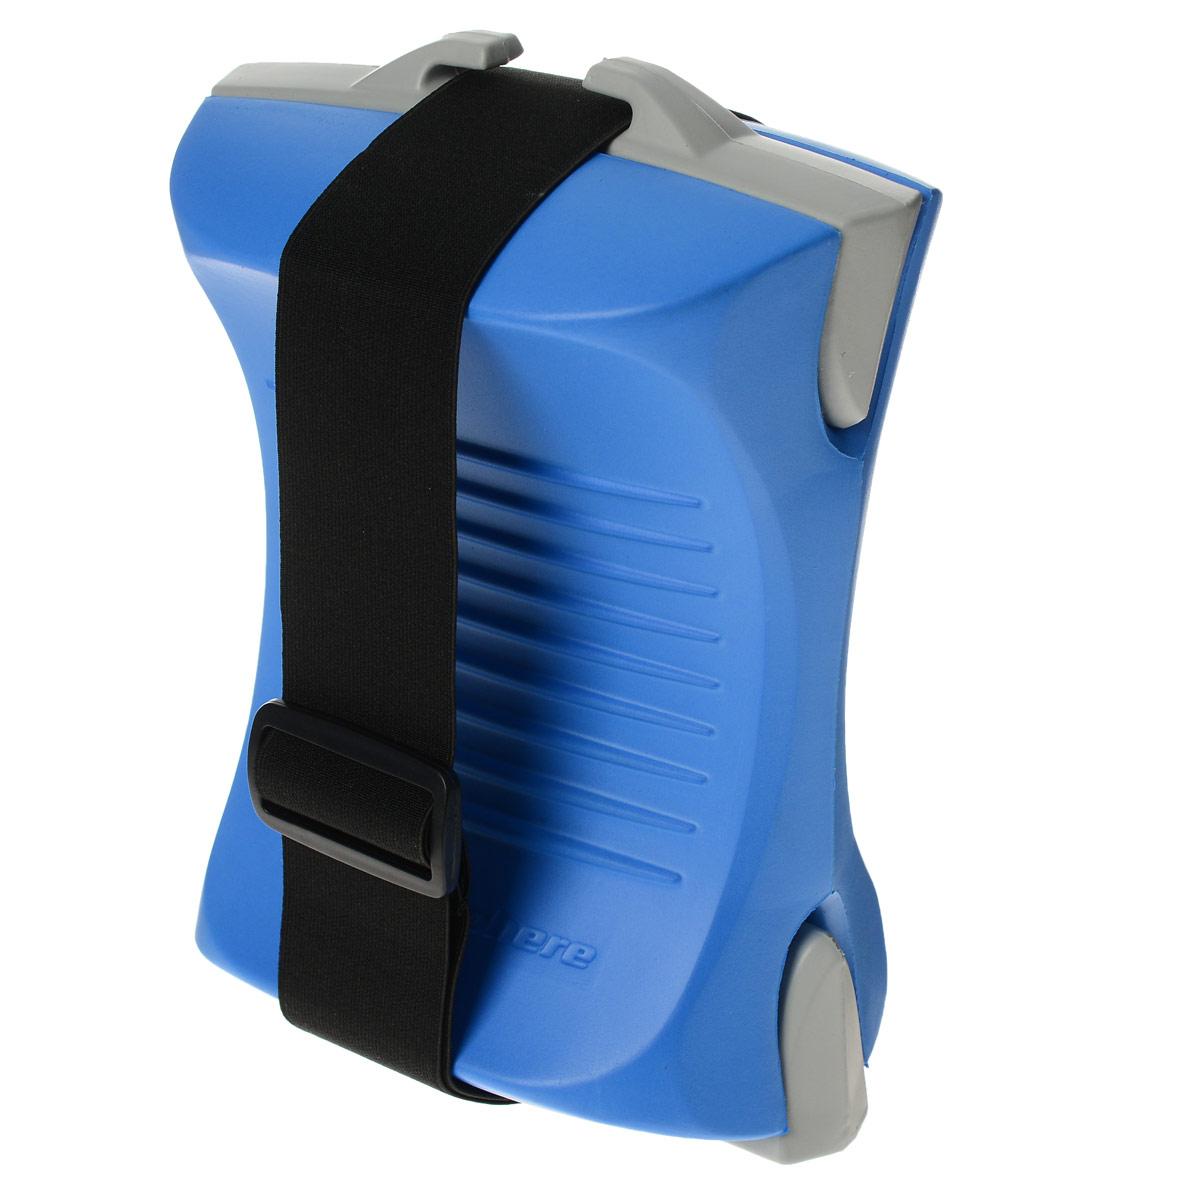 Колобашка Aqua Sphere ErgoBuoy, цвет: синийSP 301215Колобашка Aqua Sphere ErgoBuoy предназначена для фиксации ног и увеличении нагрузки на мышцы рук при плавании. Особенности колобашки: Эргономичный дизайн позволяет удобно и надежно зафиксировать ваши ноги. Опциональный ремень с быстроразъемной пряжкой. Съемные вставки позволяют менять плавучесть Изготовлено из прочного и хлороустойчивого полимера EVA.